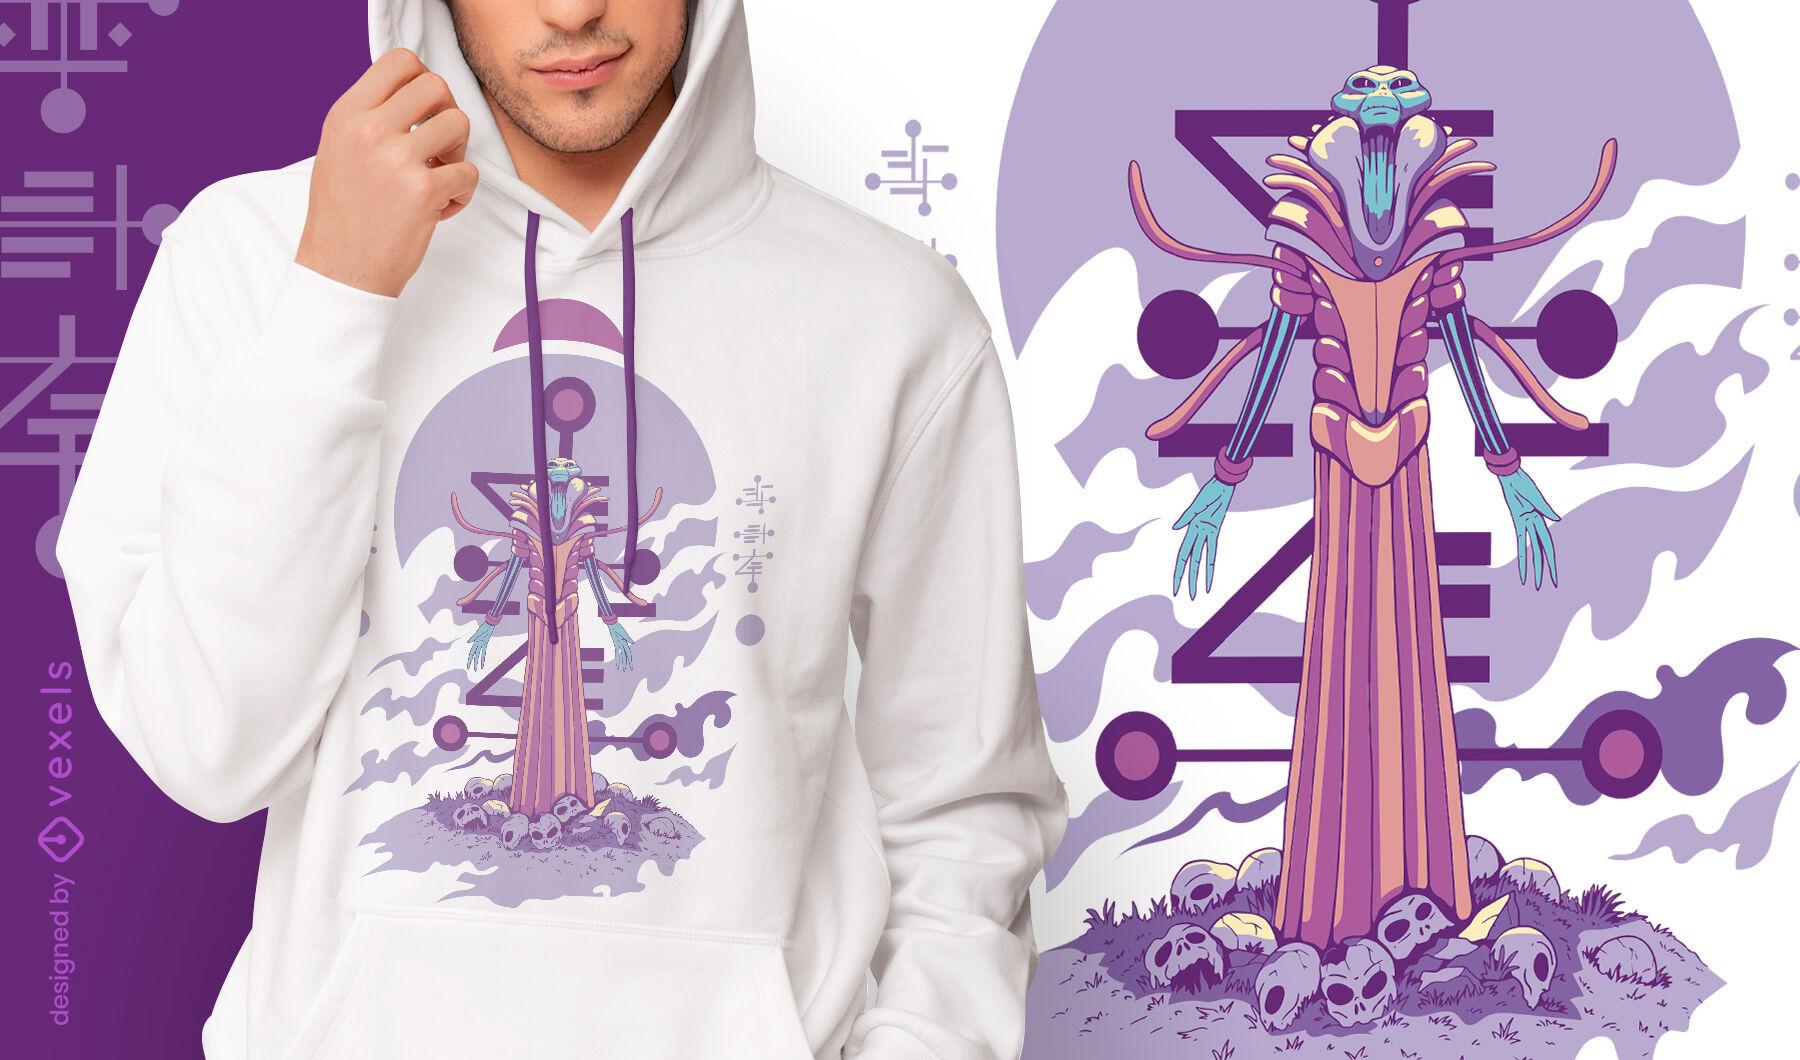 Stehender Alien mit T-Shirt-Design mit offenen Armen